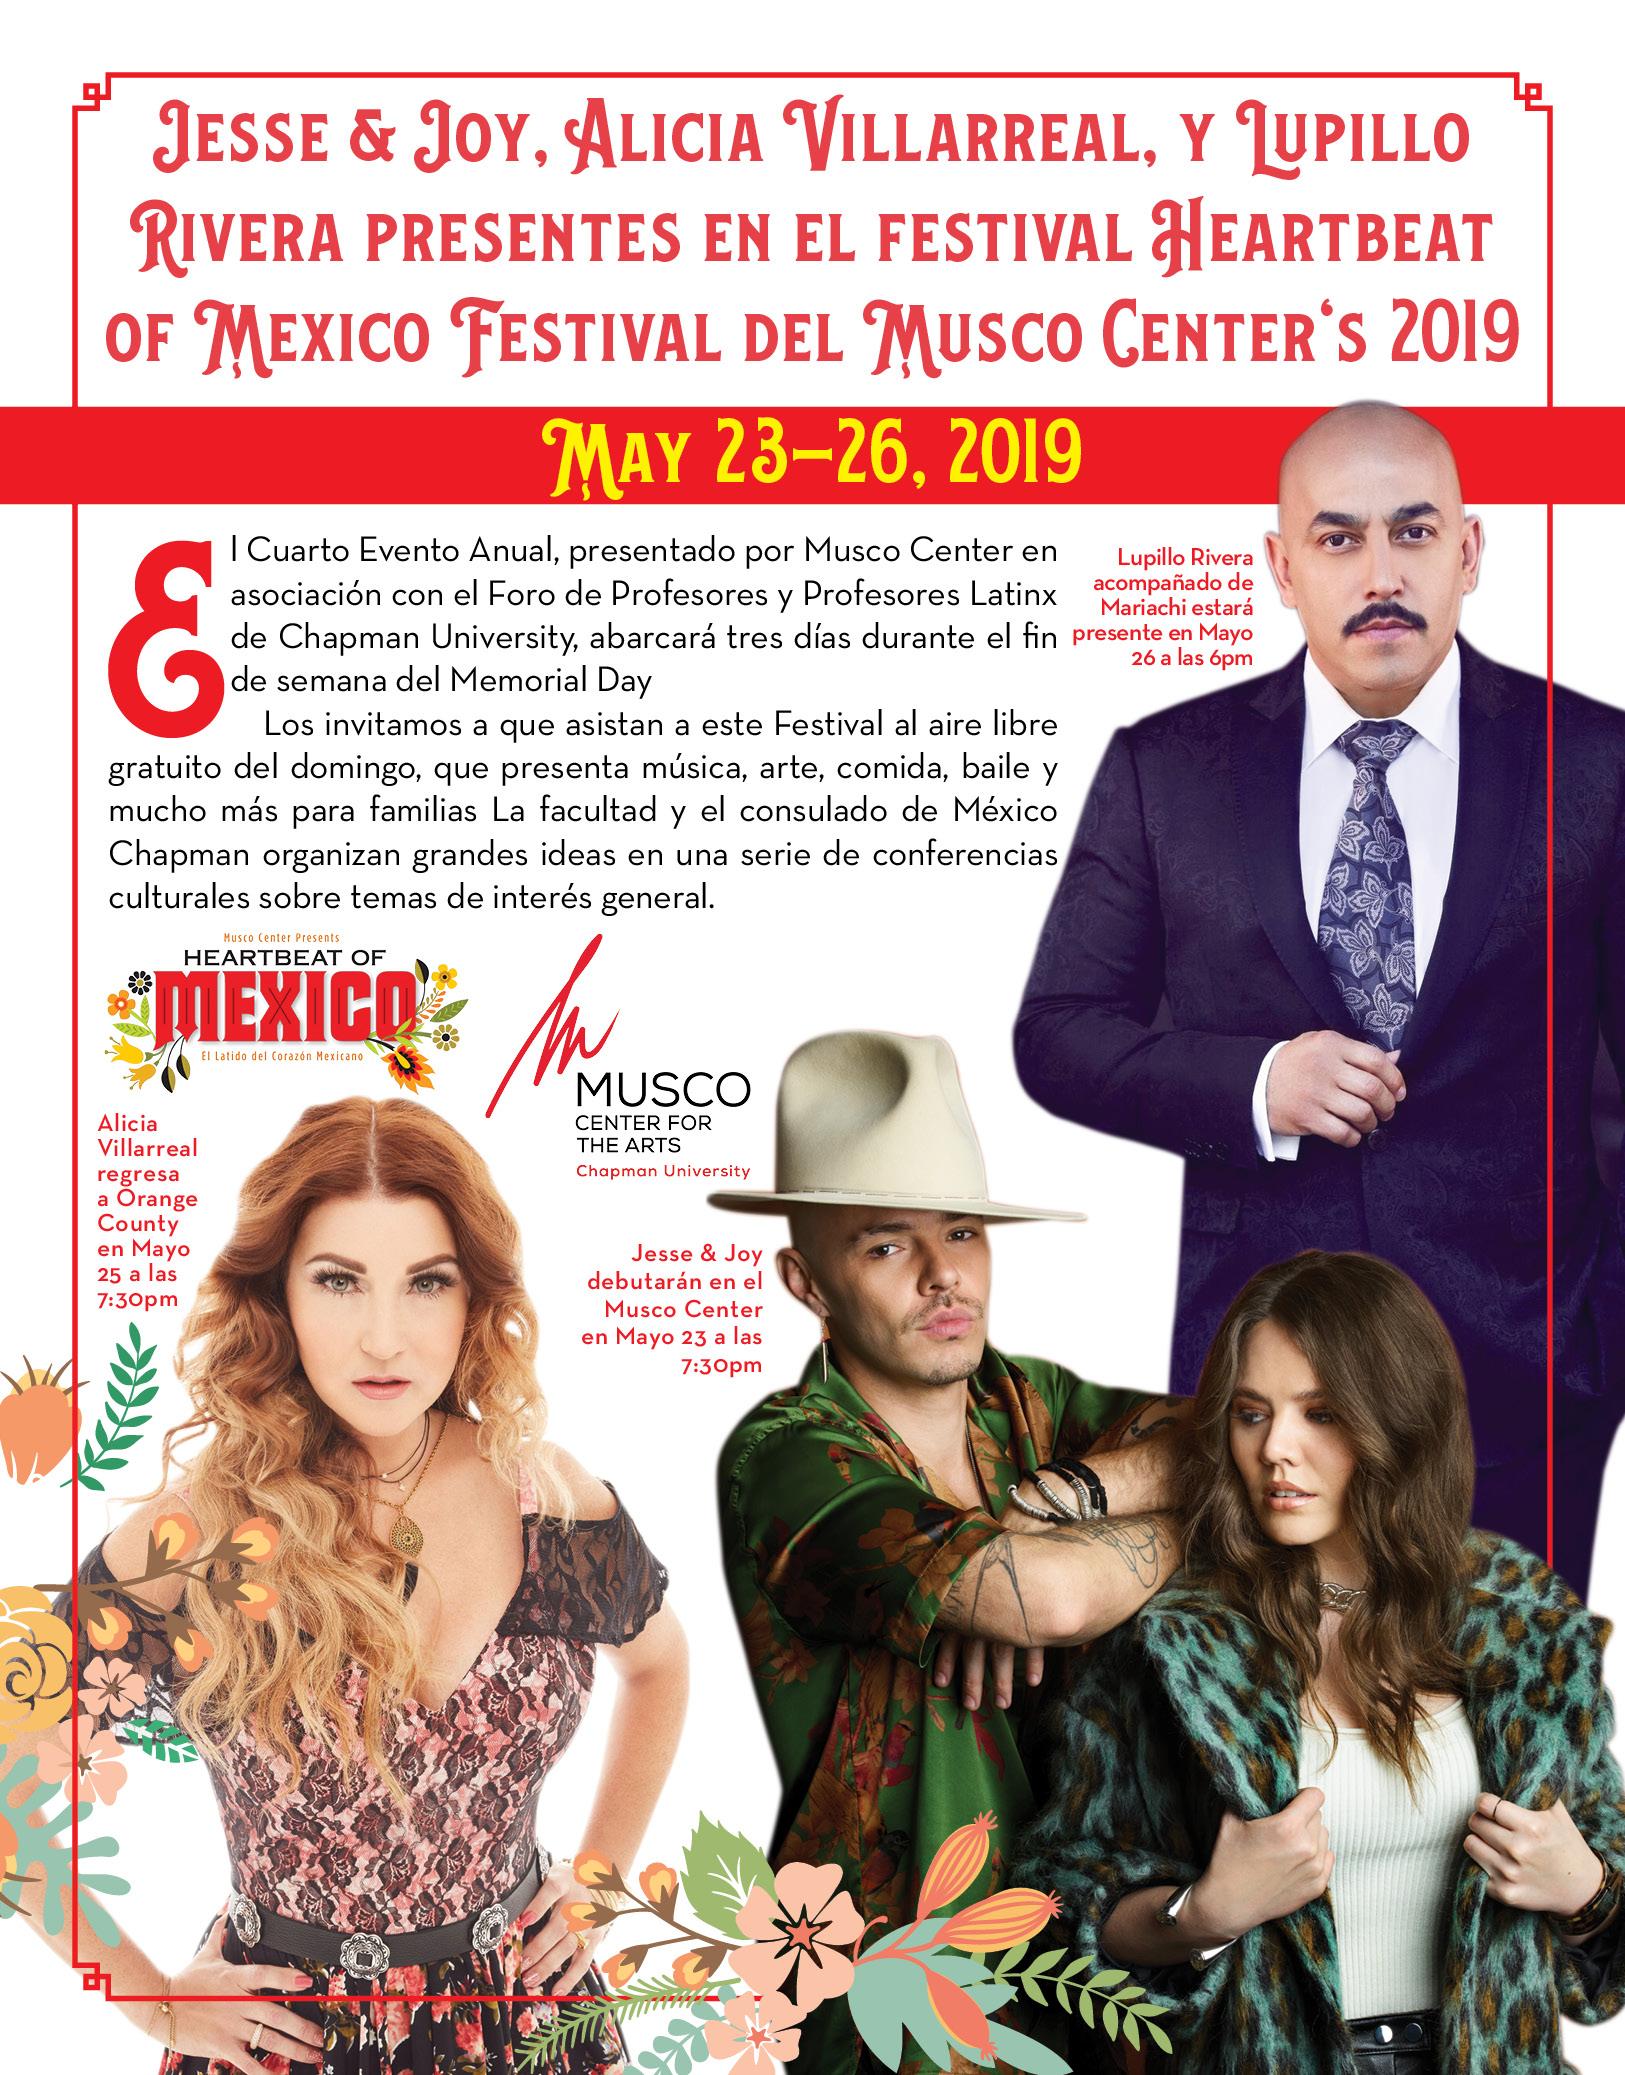 Festival Heartbeat of Mexico Festival del Musco Center's 2019